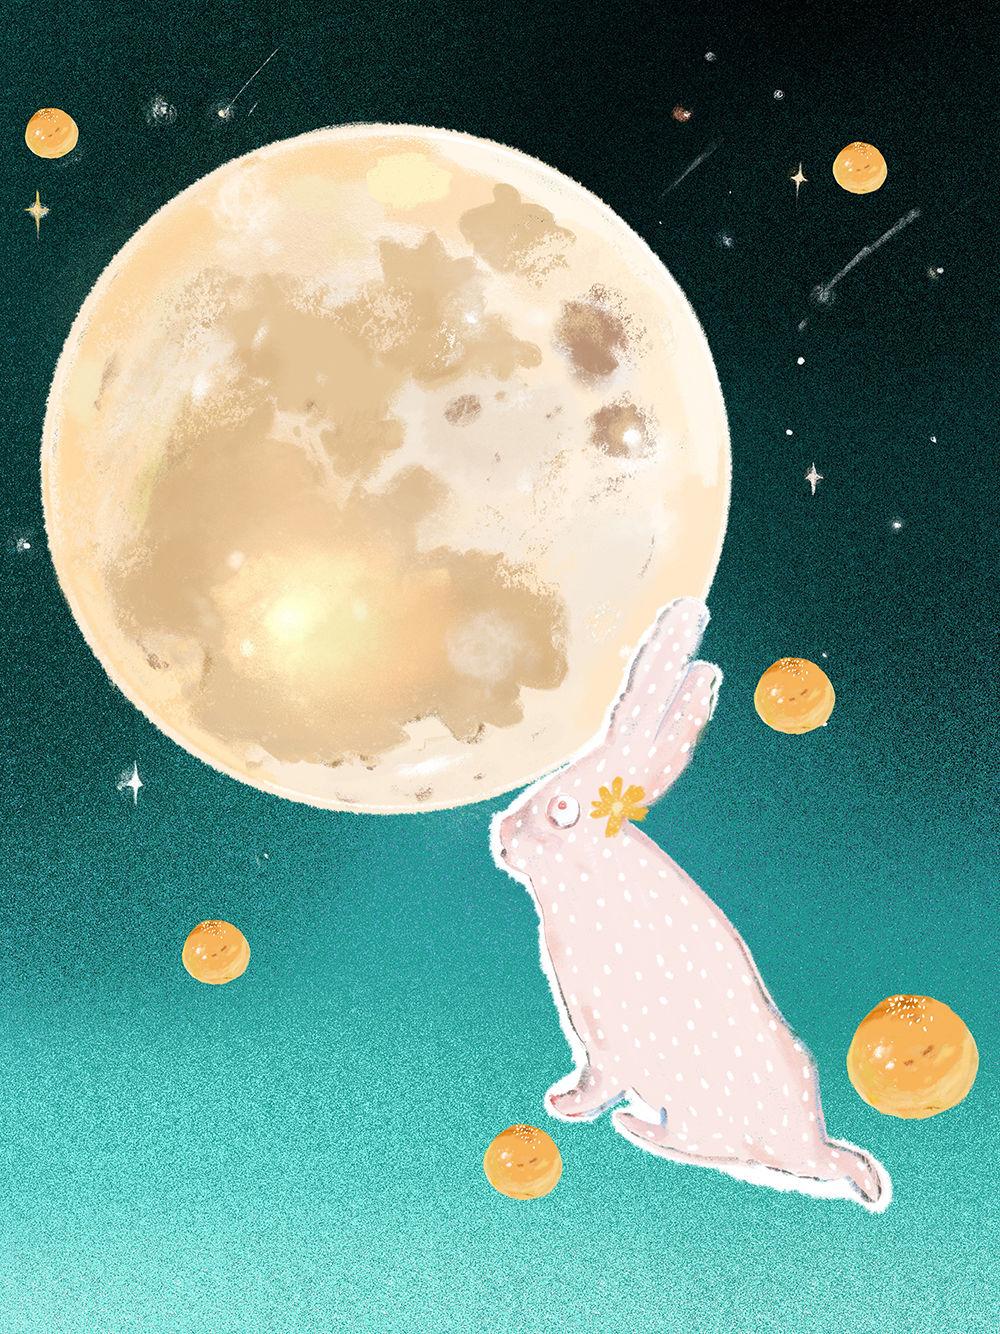 Illustration fête de la lune